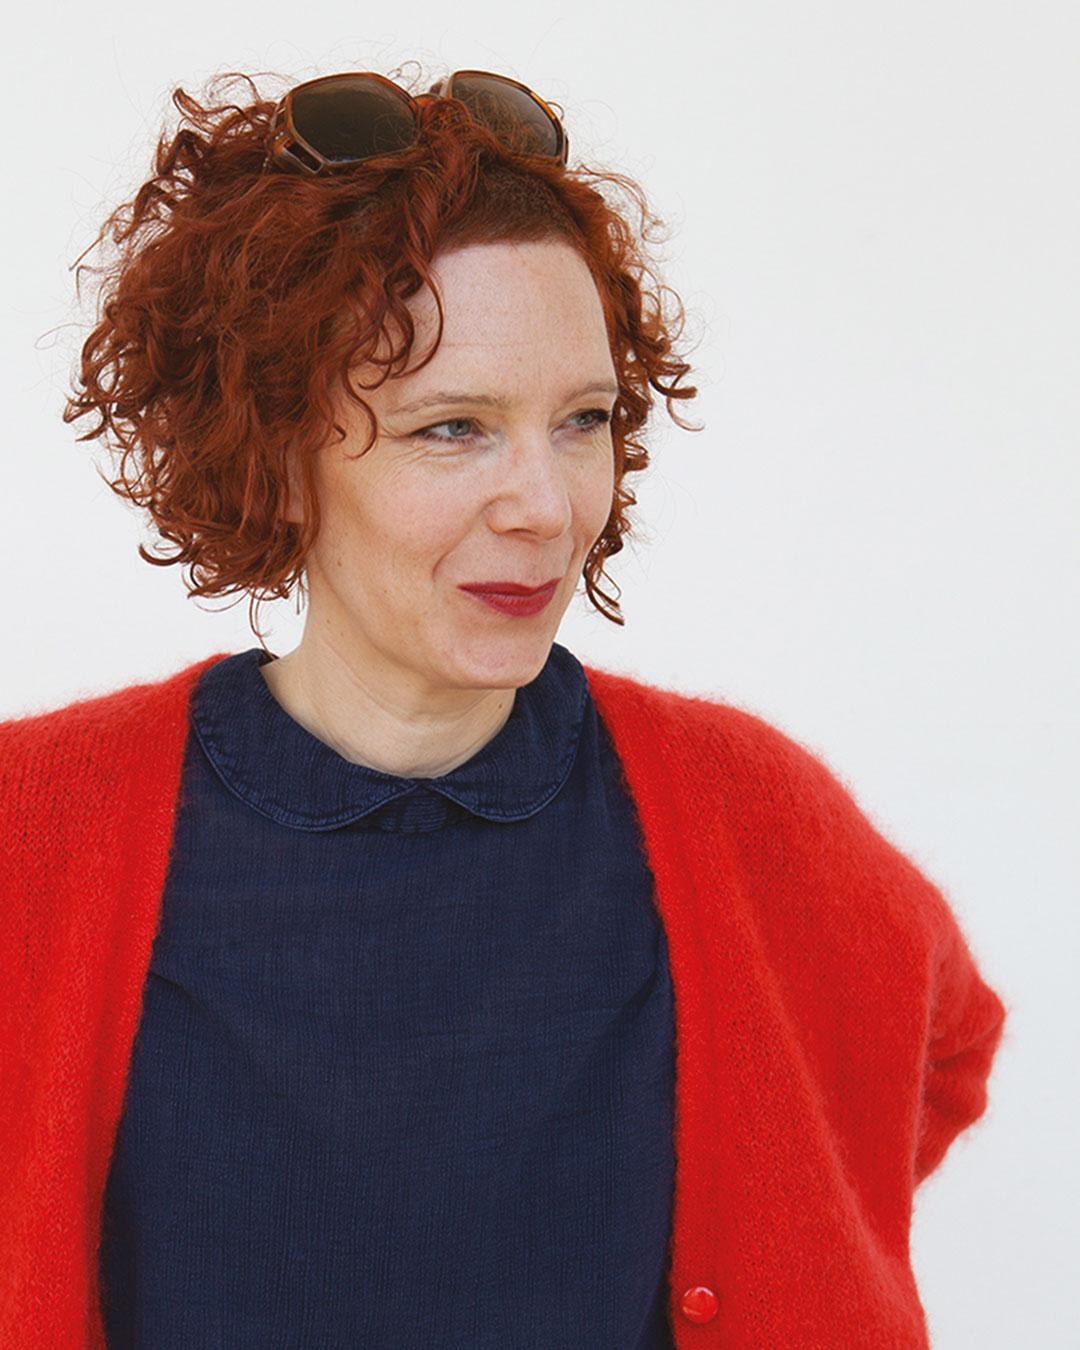 Nicole Beck, 2017